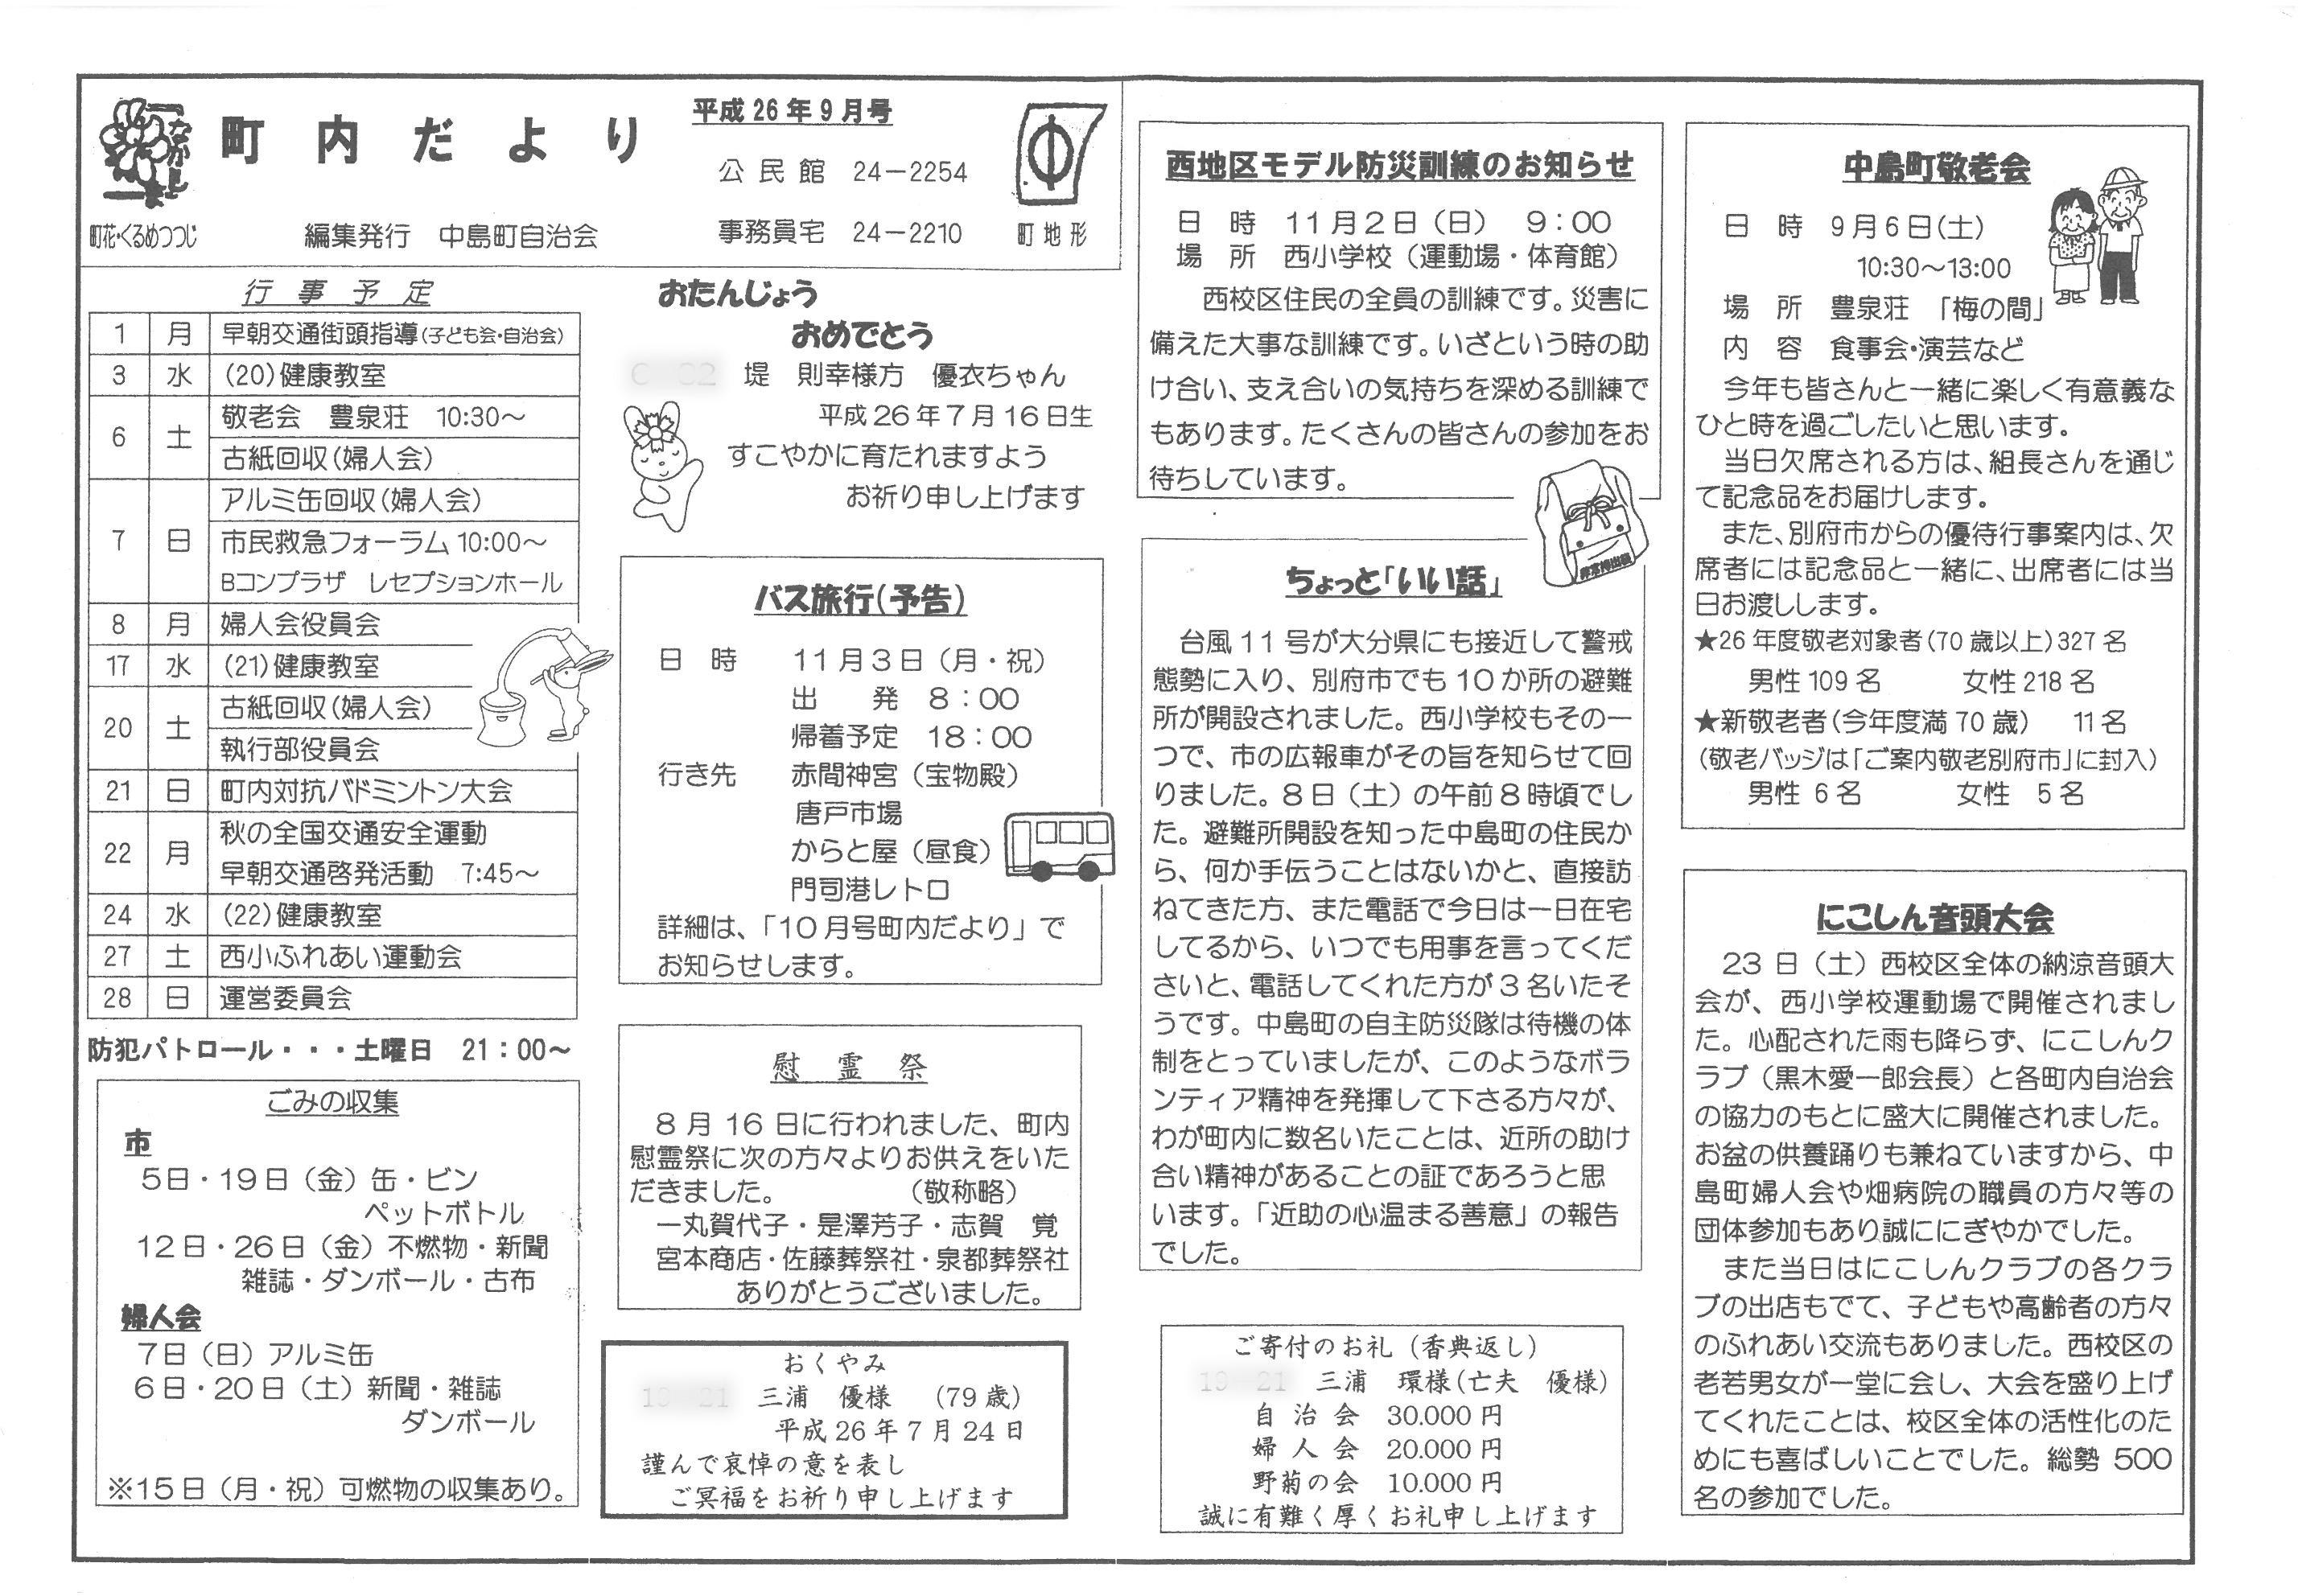 nakashima2014_09